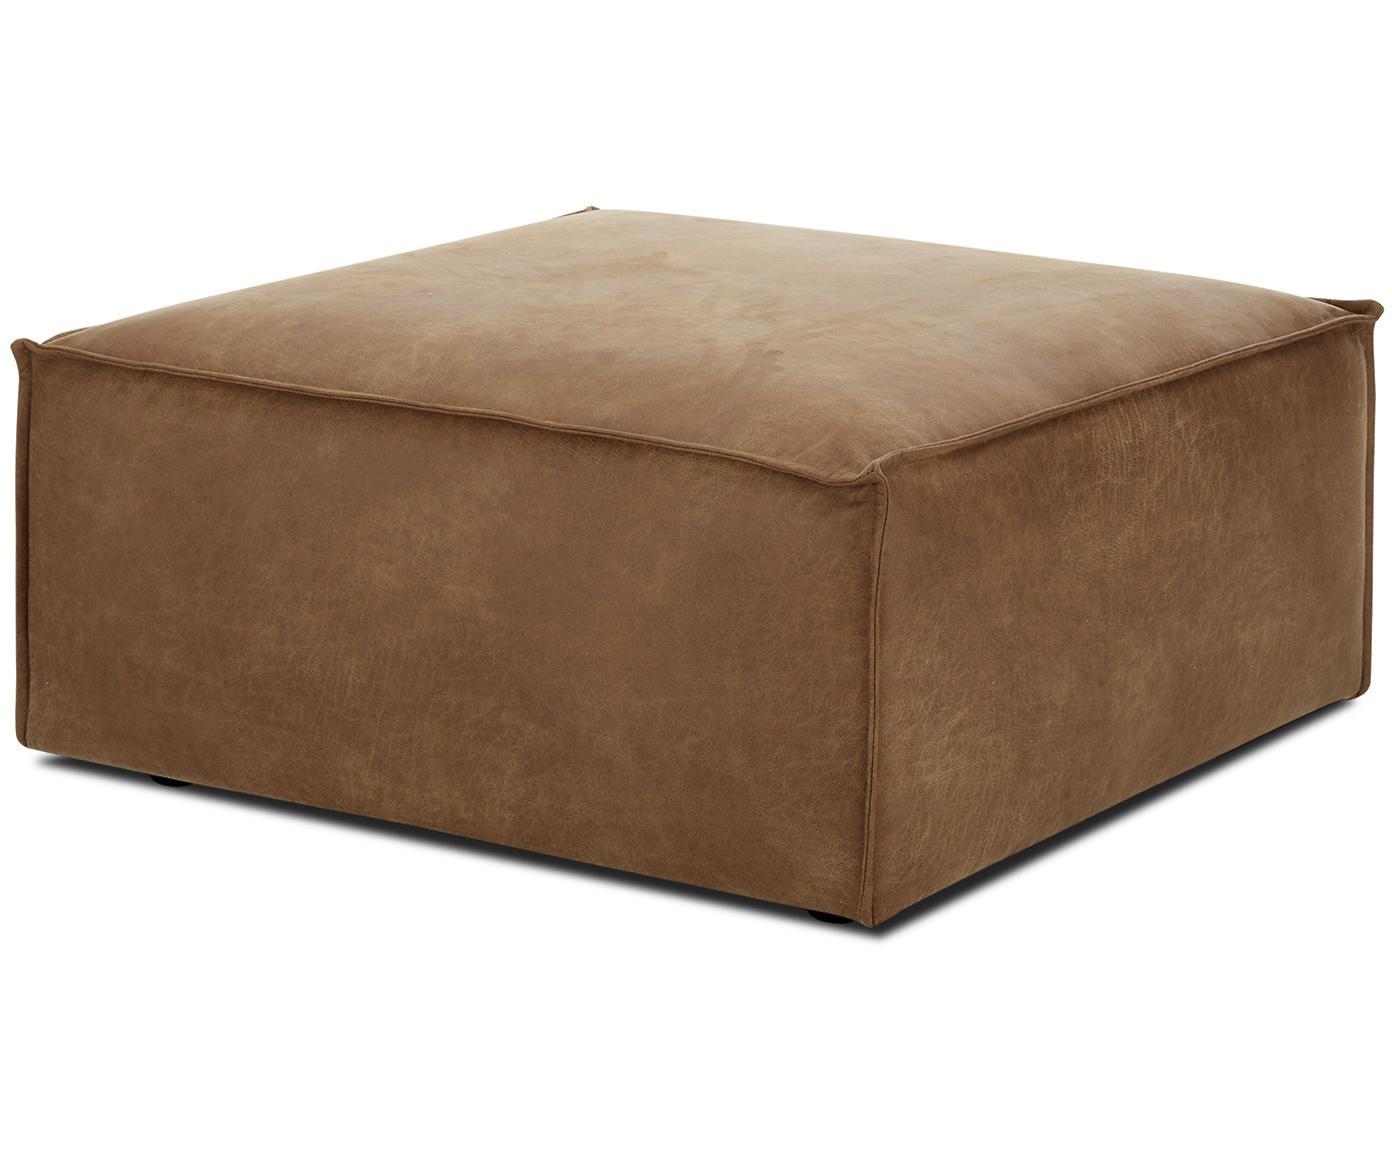 Leren voetenbank Lennon, Bekleding: 70% leer, 30% polyester, Frame: massief grenenhout, multi, Poten: kunststof, Bruin, 88 x 43 cm